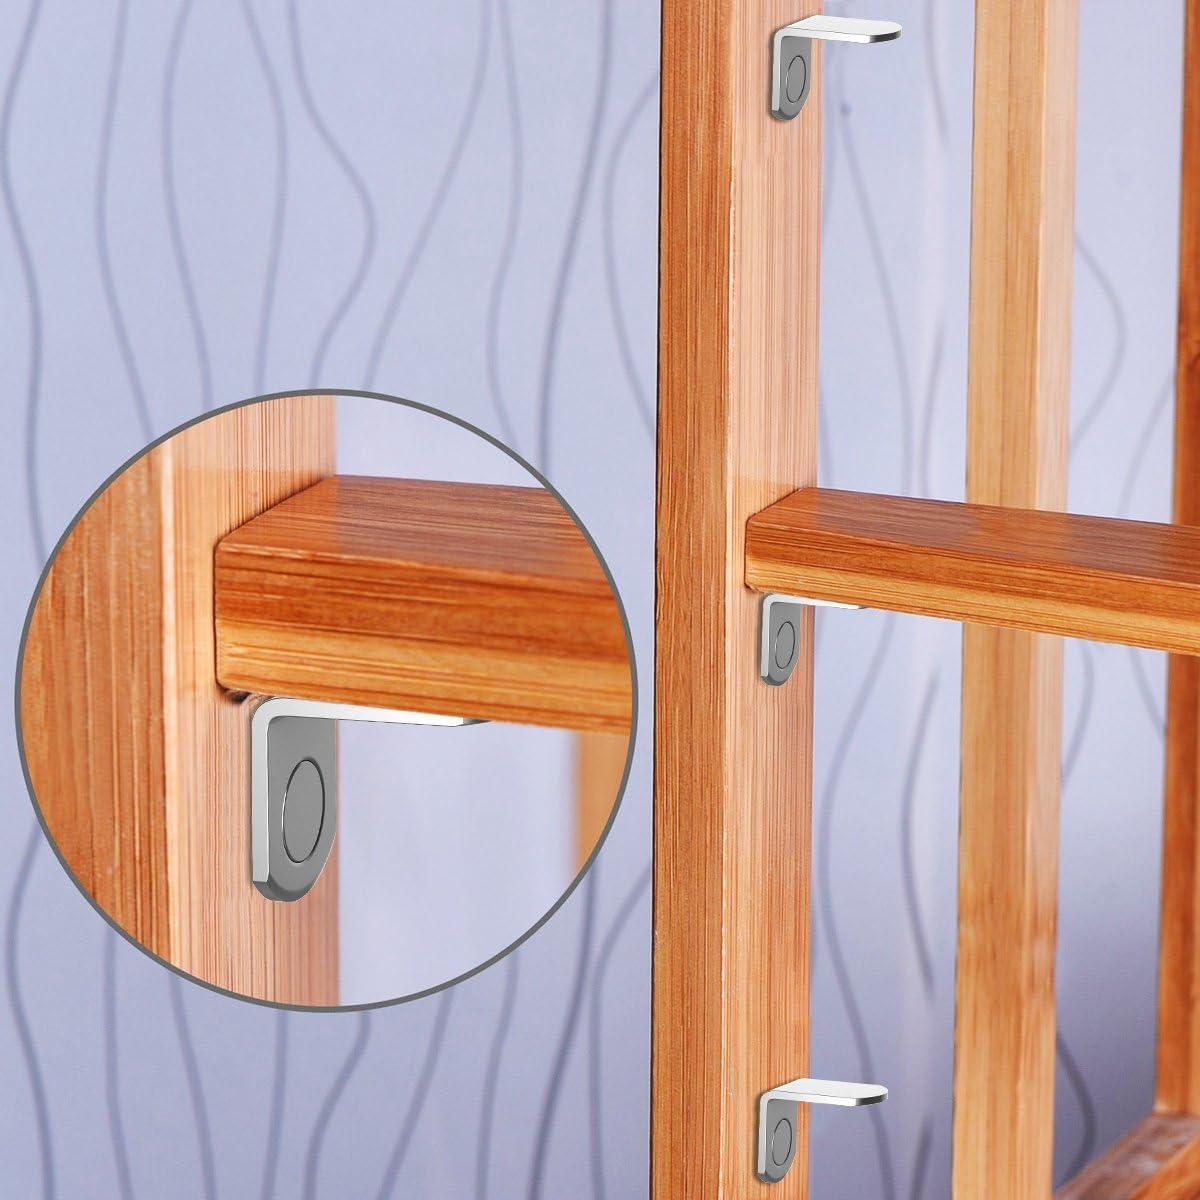 YoungRich 60 Pack Regaltr/äger St/ützen Edelstahl Durable 5 mm in 3 Styles f/ür Schrank B/ücherregal Support